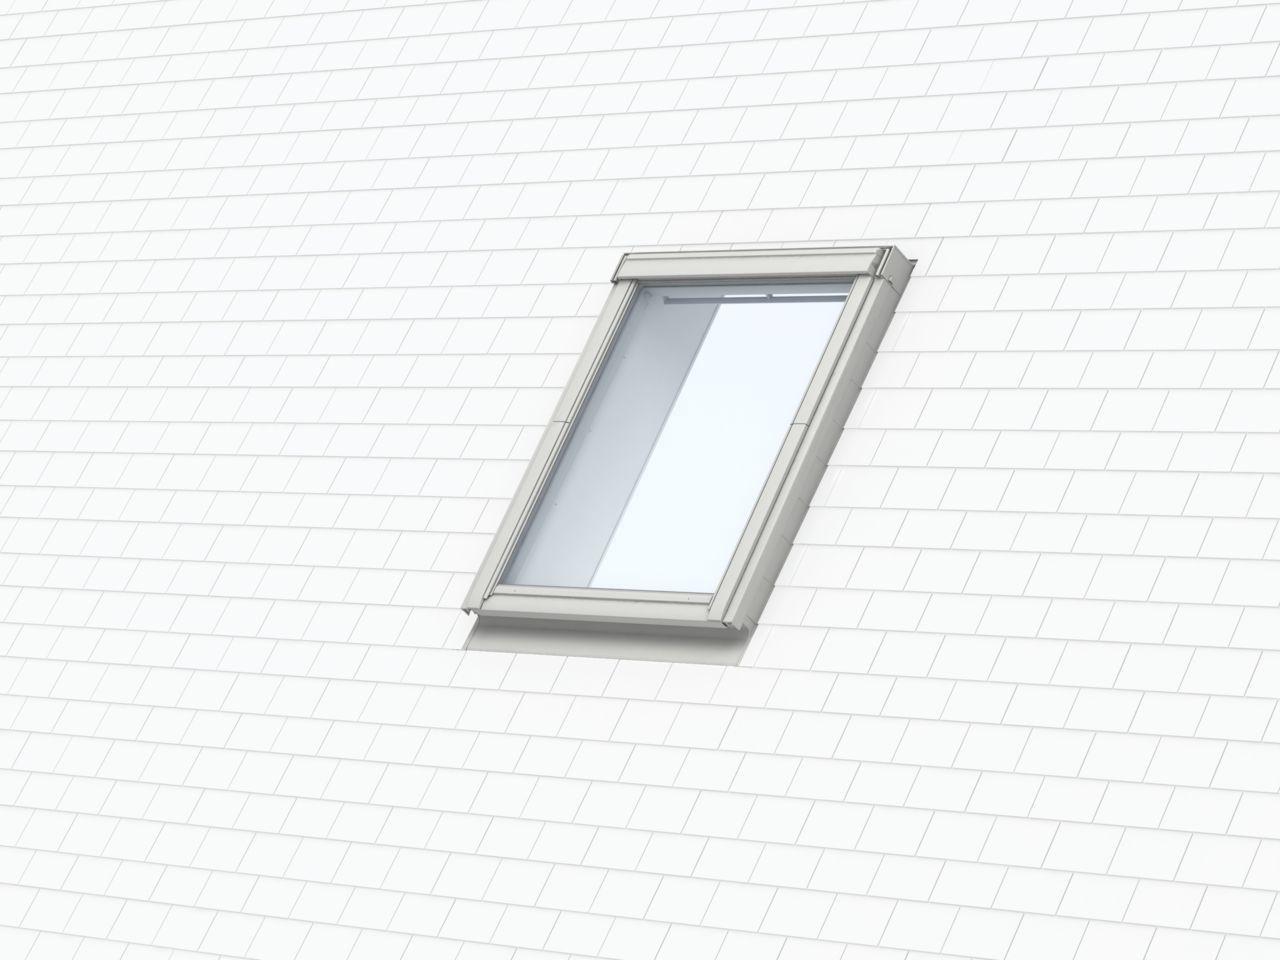 Raccord de remplacement VELUX pour anciennes fenêtre de toit Velux - Sur ardoises - EL